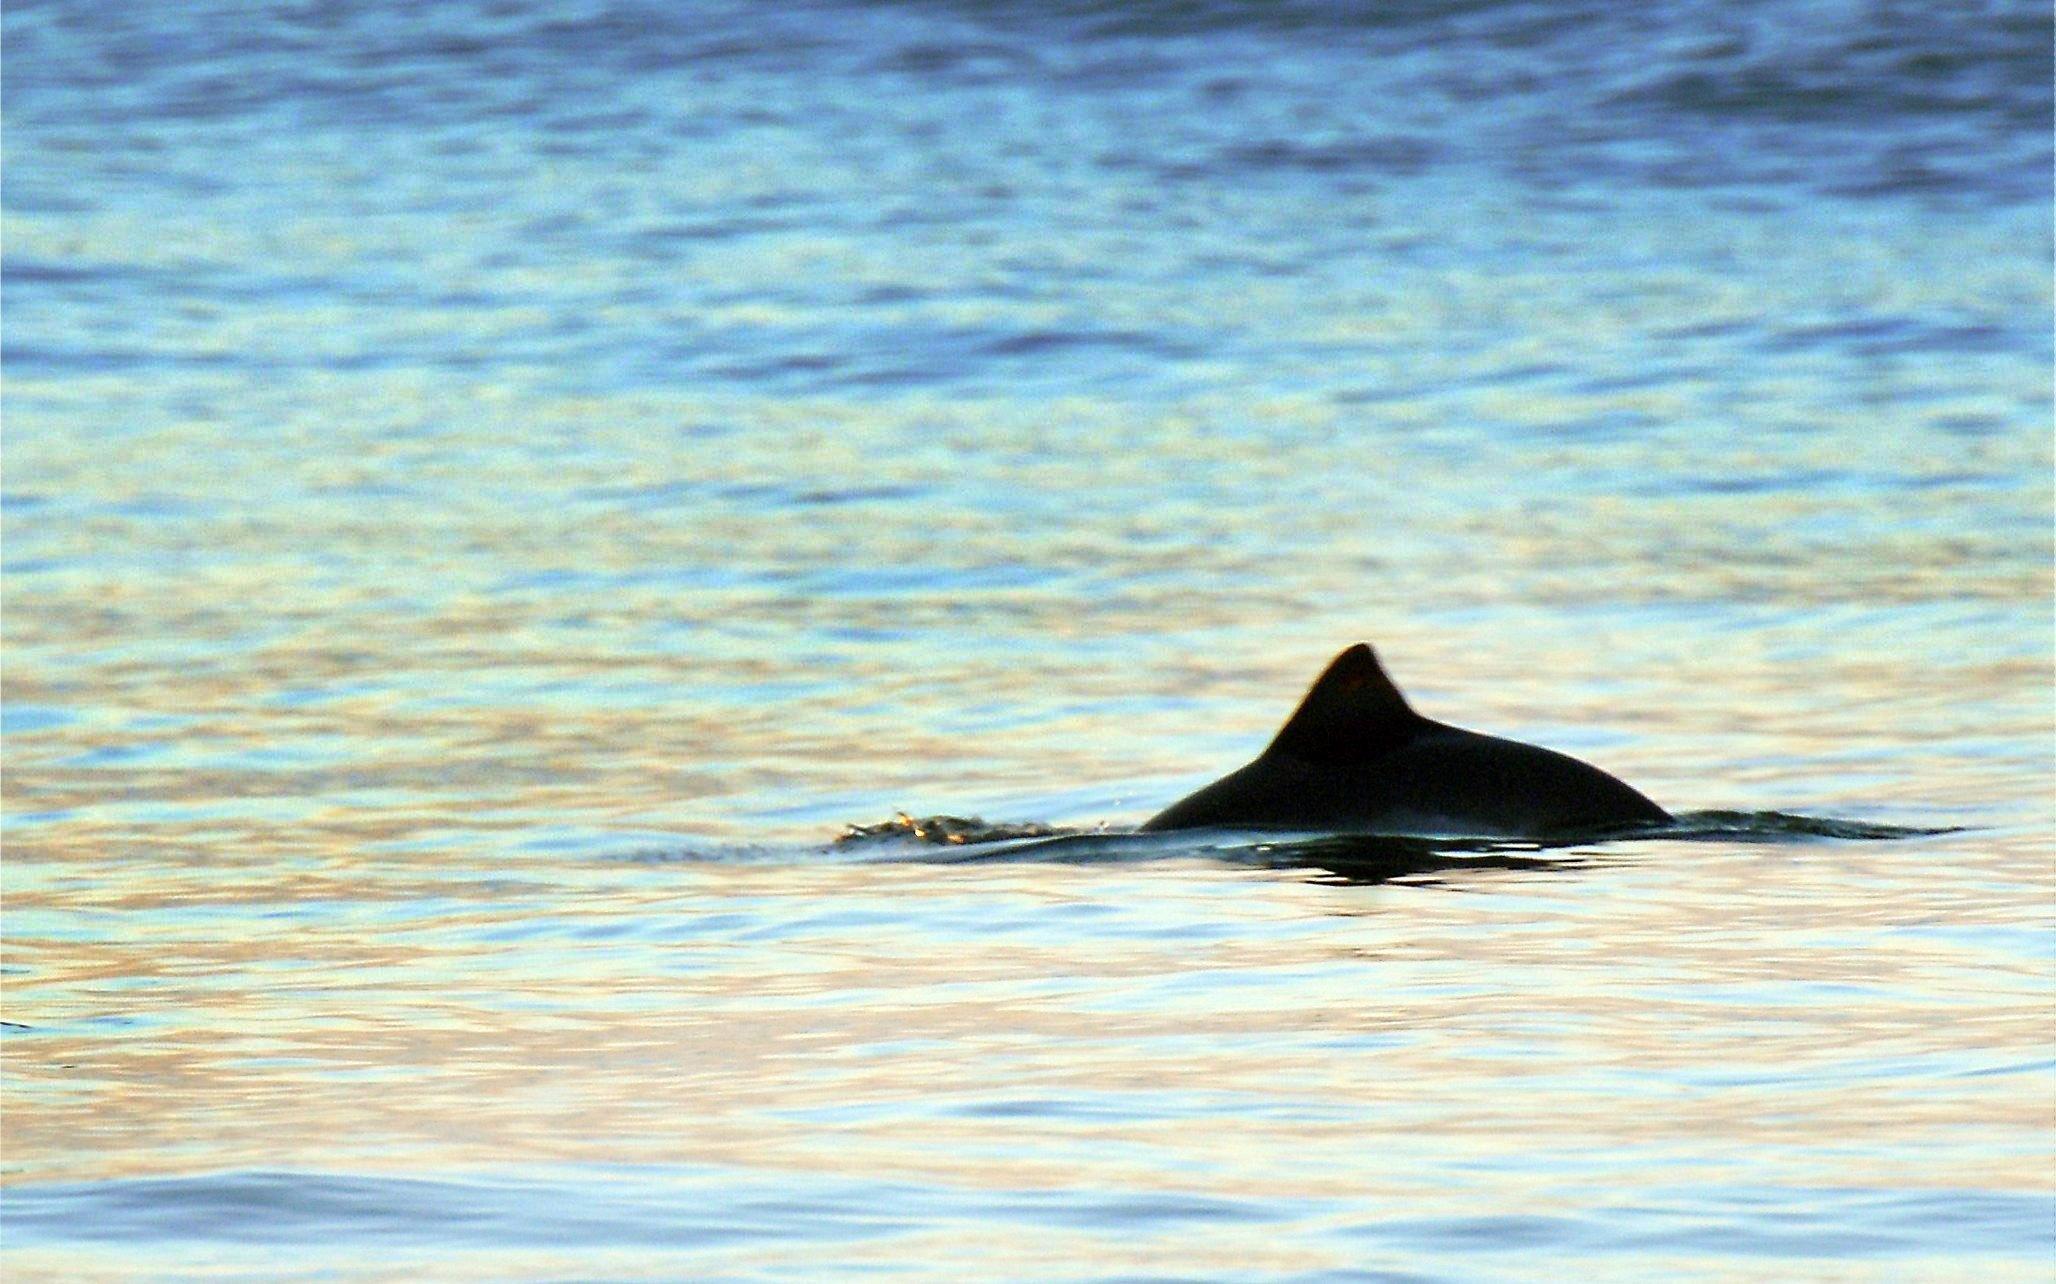 Die Finne eines auftauchenden Schweinswals im Abendlicht